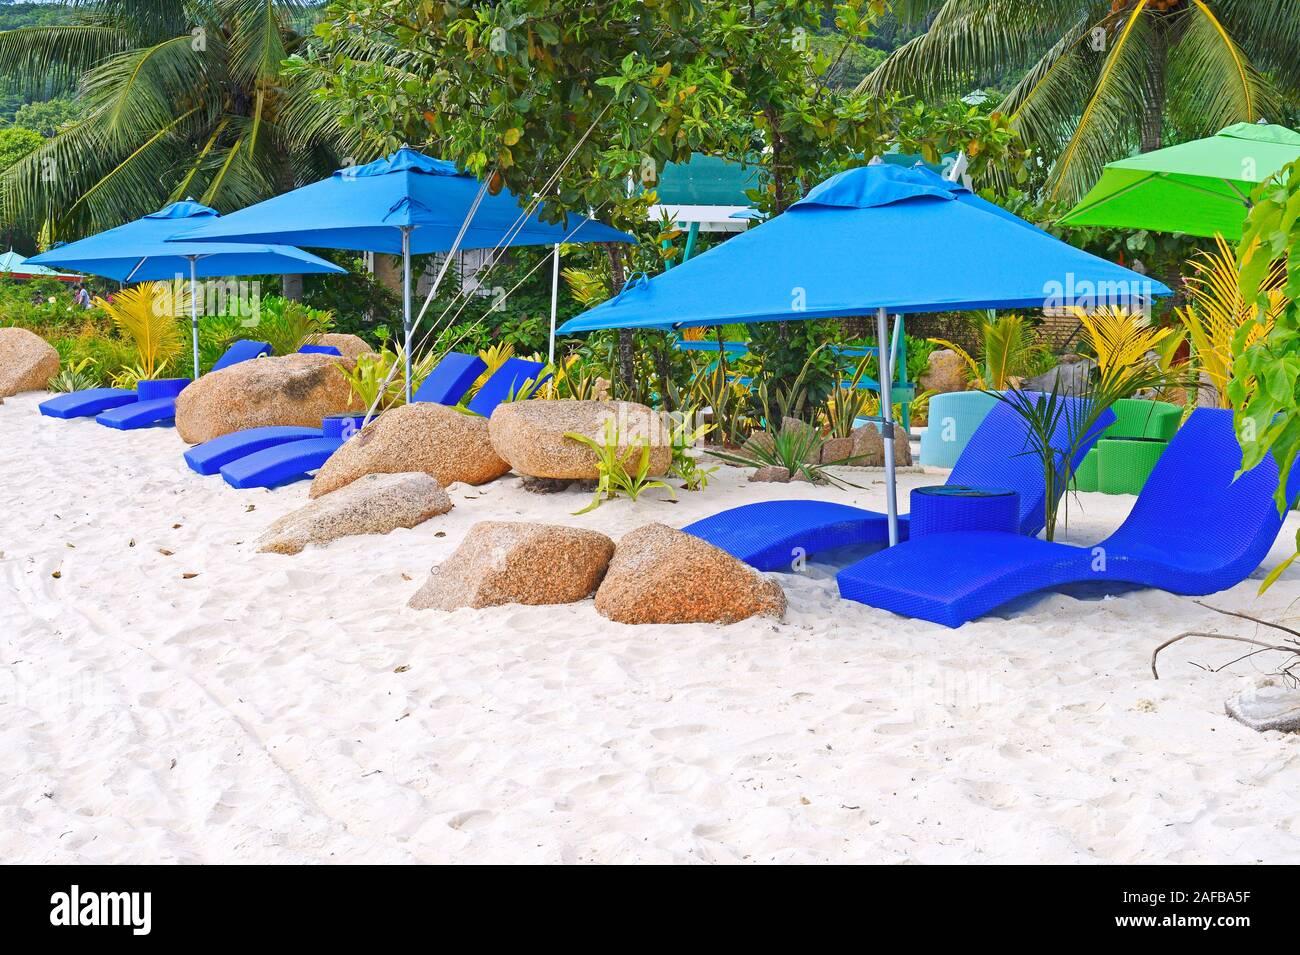 Sonnenschirme und Liegen eines Luyushotels auf der Insel  Insel La Digue,  Seychellen Stock Photo